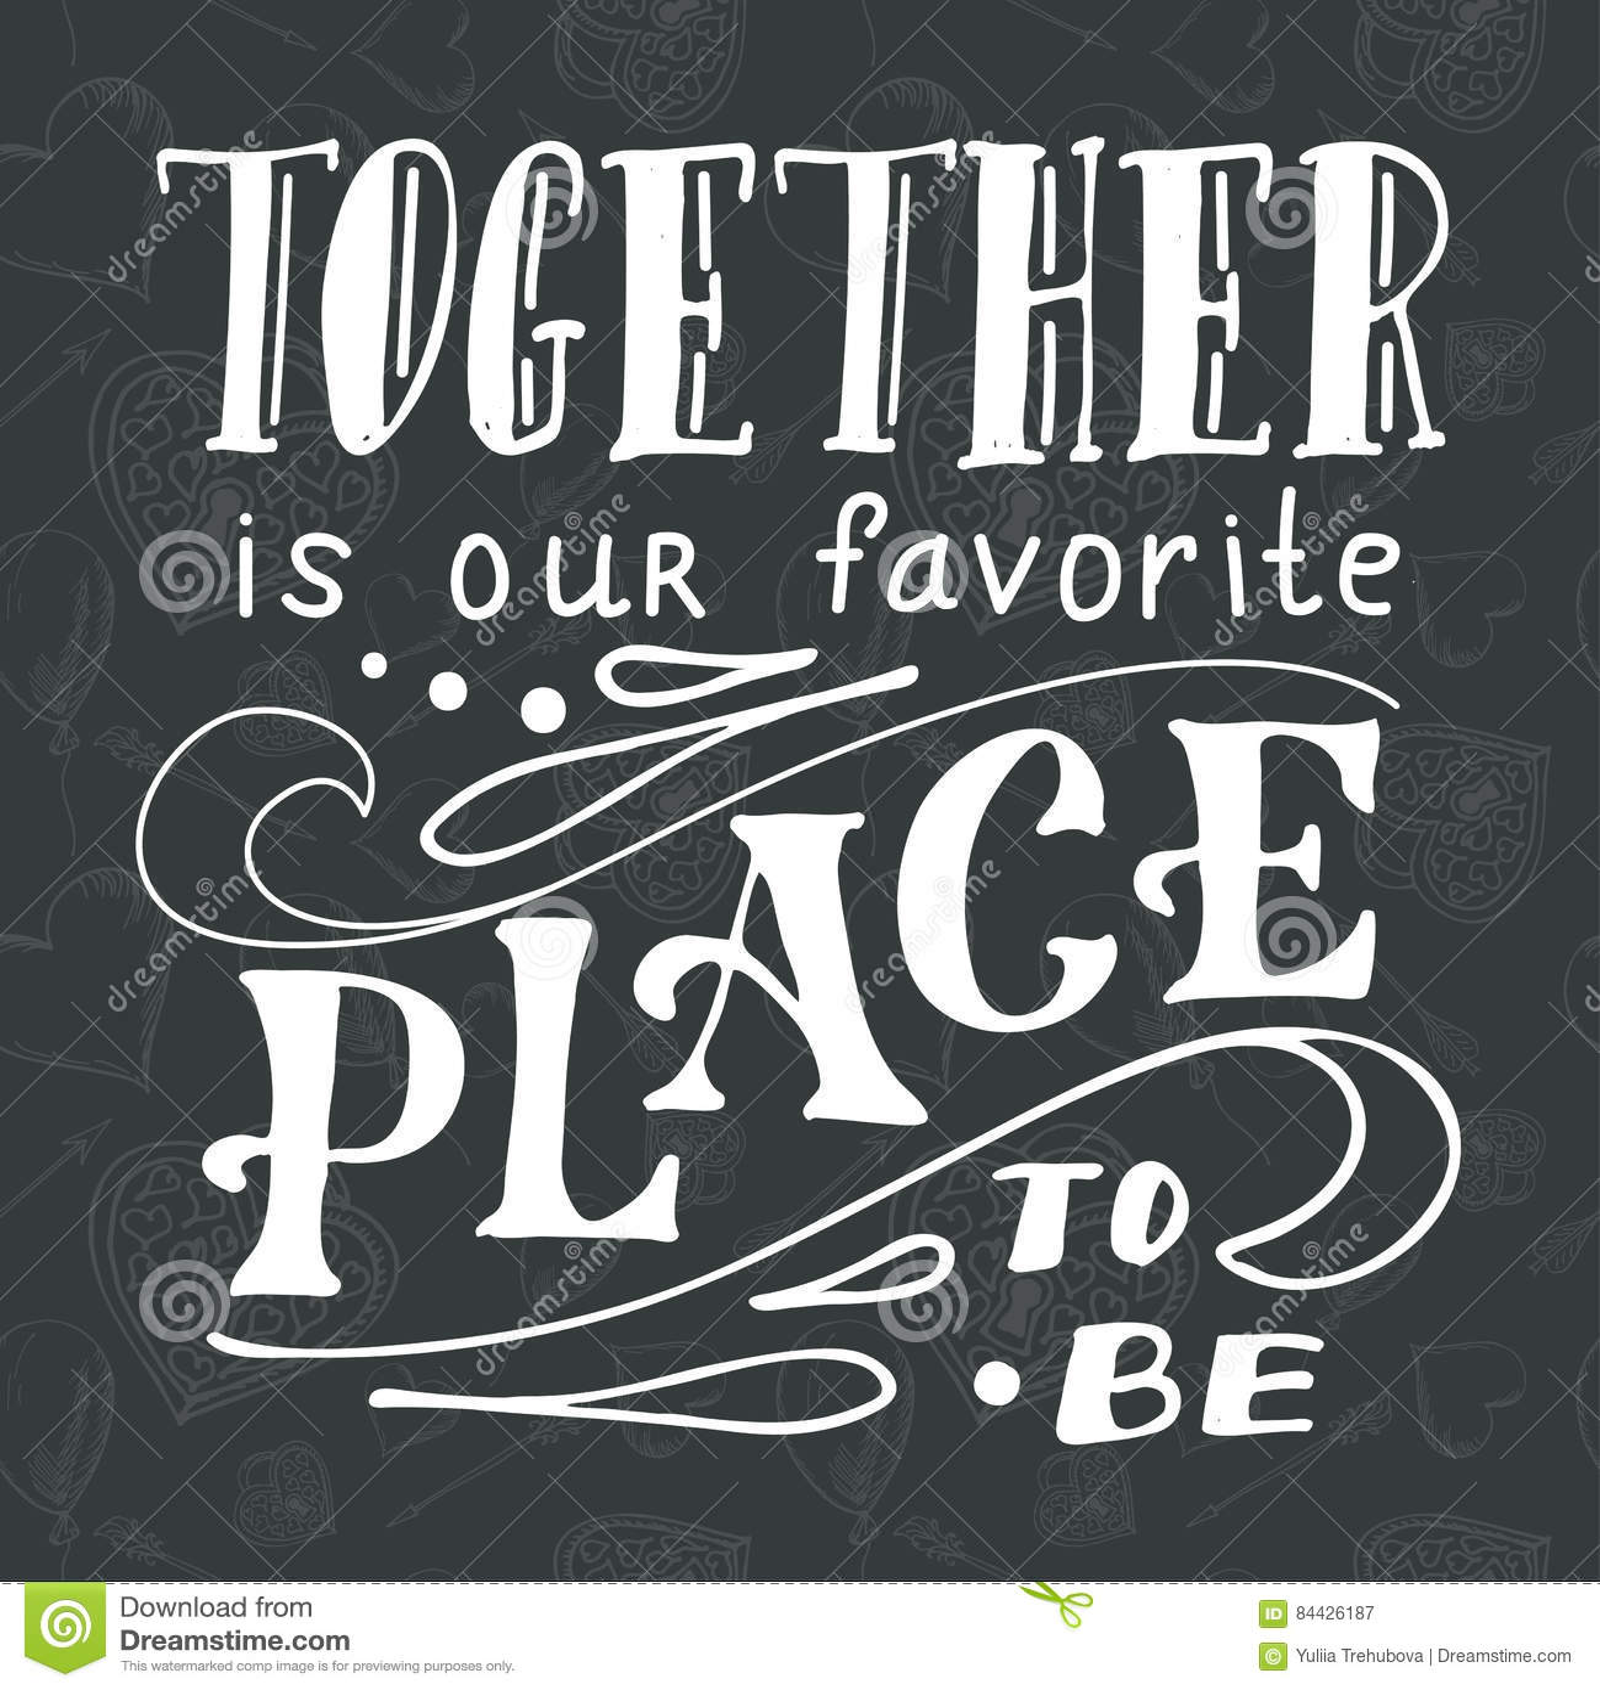 Affiche met typografisch citaat Hand van letters voorziende prentbriefkaar Inkt vectorillustratie Samen is onze favoriete plaats